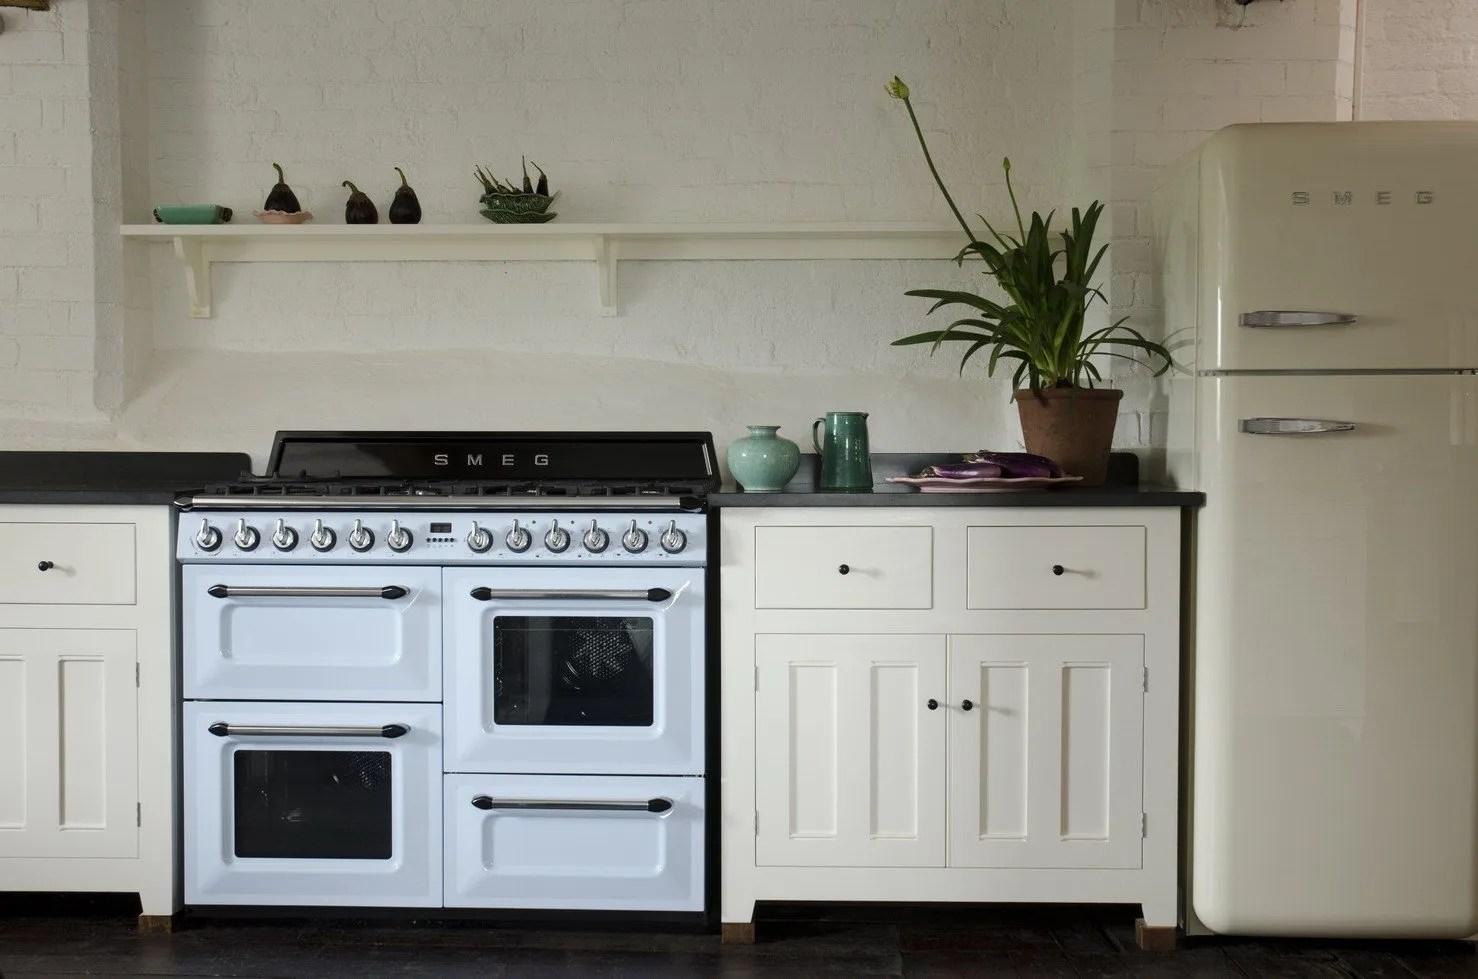 Smeg eleganza tradizionale per le cucine Victoria